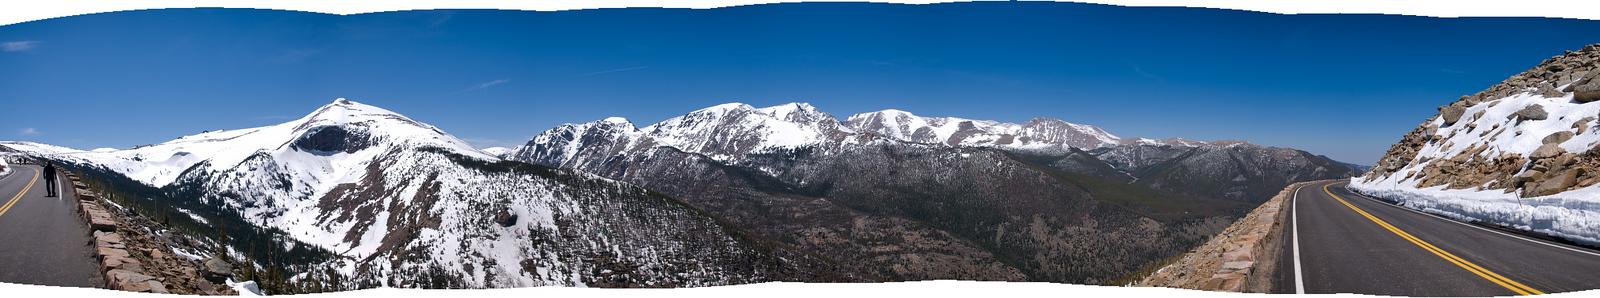 Rocky Mountain National Park and Eldorado Canyon 2011-05